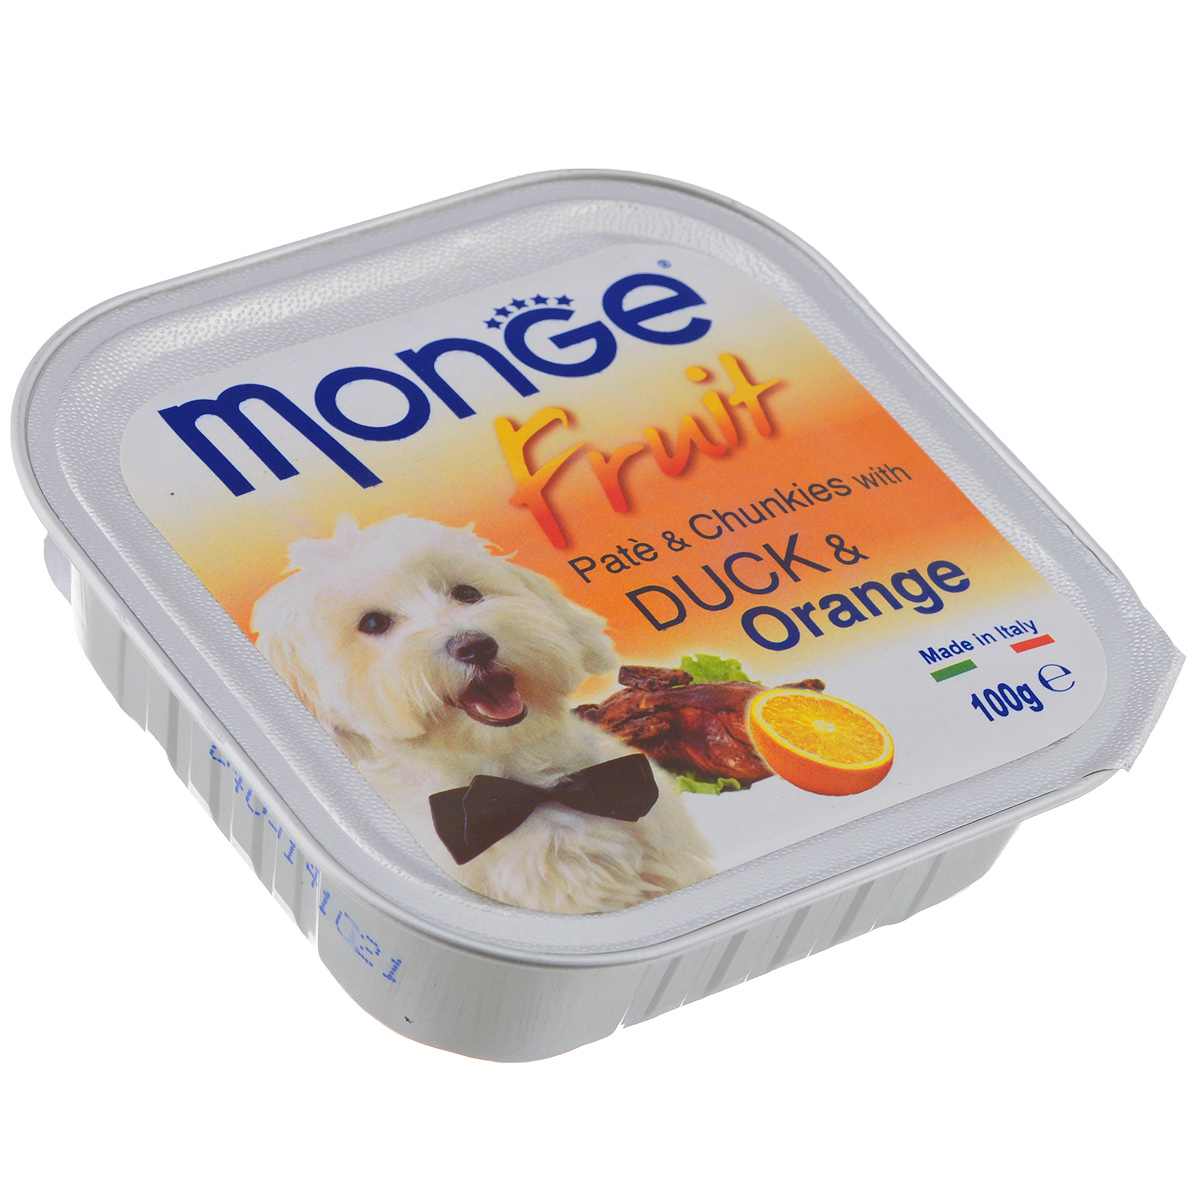 Консервы для собак Monge Fruit, утка с апельсином, 100 г12171996Консервы для собак Monge Fruit - это полнорационный корм для собак. Паштет с уткой и апельсином. Состав: свежее мясо 80% (содержание утиного мяса мин. 10%), апельсин 4%, минеральные вещества, витамины. Технологические добавки: загустители и желирующие вещества. Анализ компонентов: белок 8,5%, жир 7%, сырая клетчатка 0,5%, сырая зола 2,2%, влажность 80%. Витамины и добавки на 1 кг: витамин А 3000 МЕ, витамин D3 400 МЕ, витамин Е 15 мг. Товар сертифицирован.